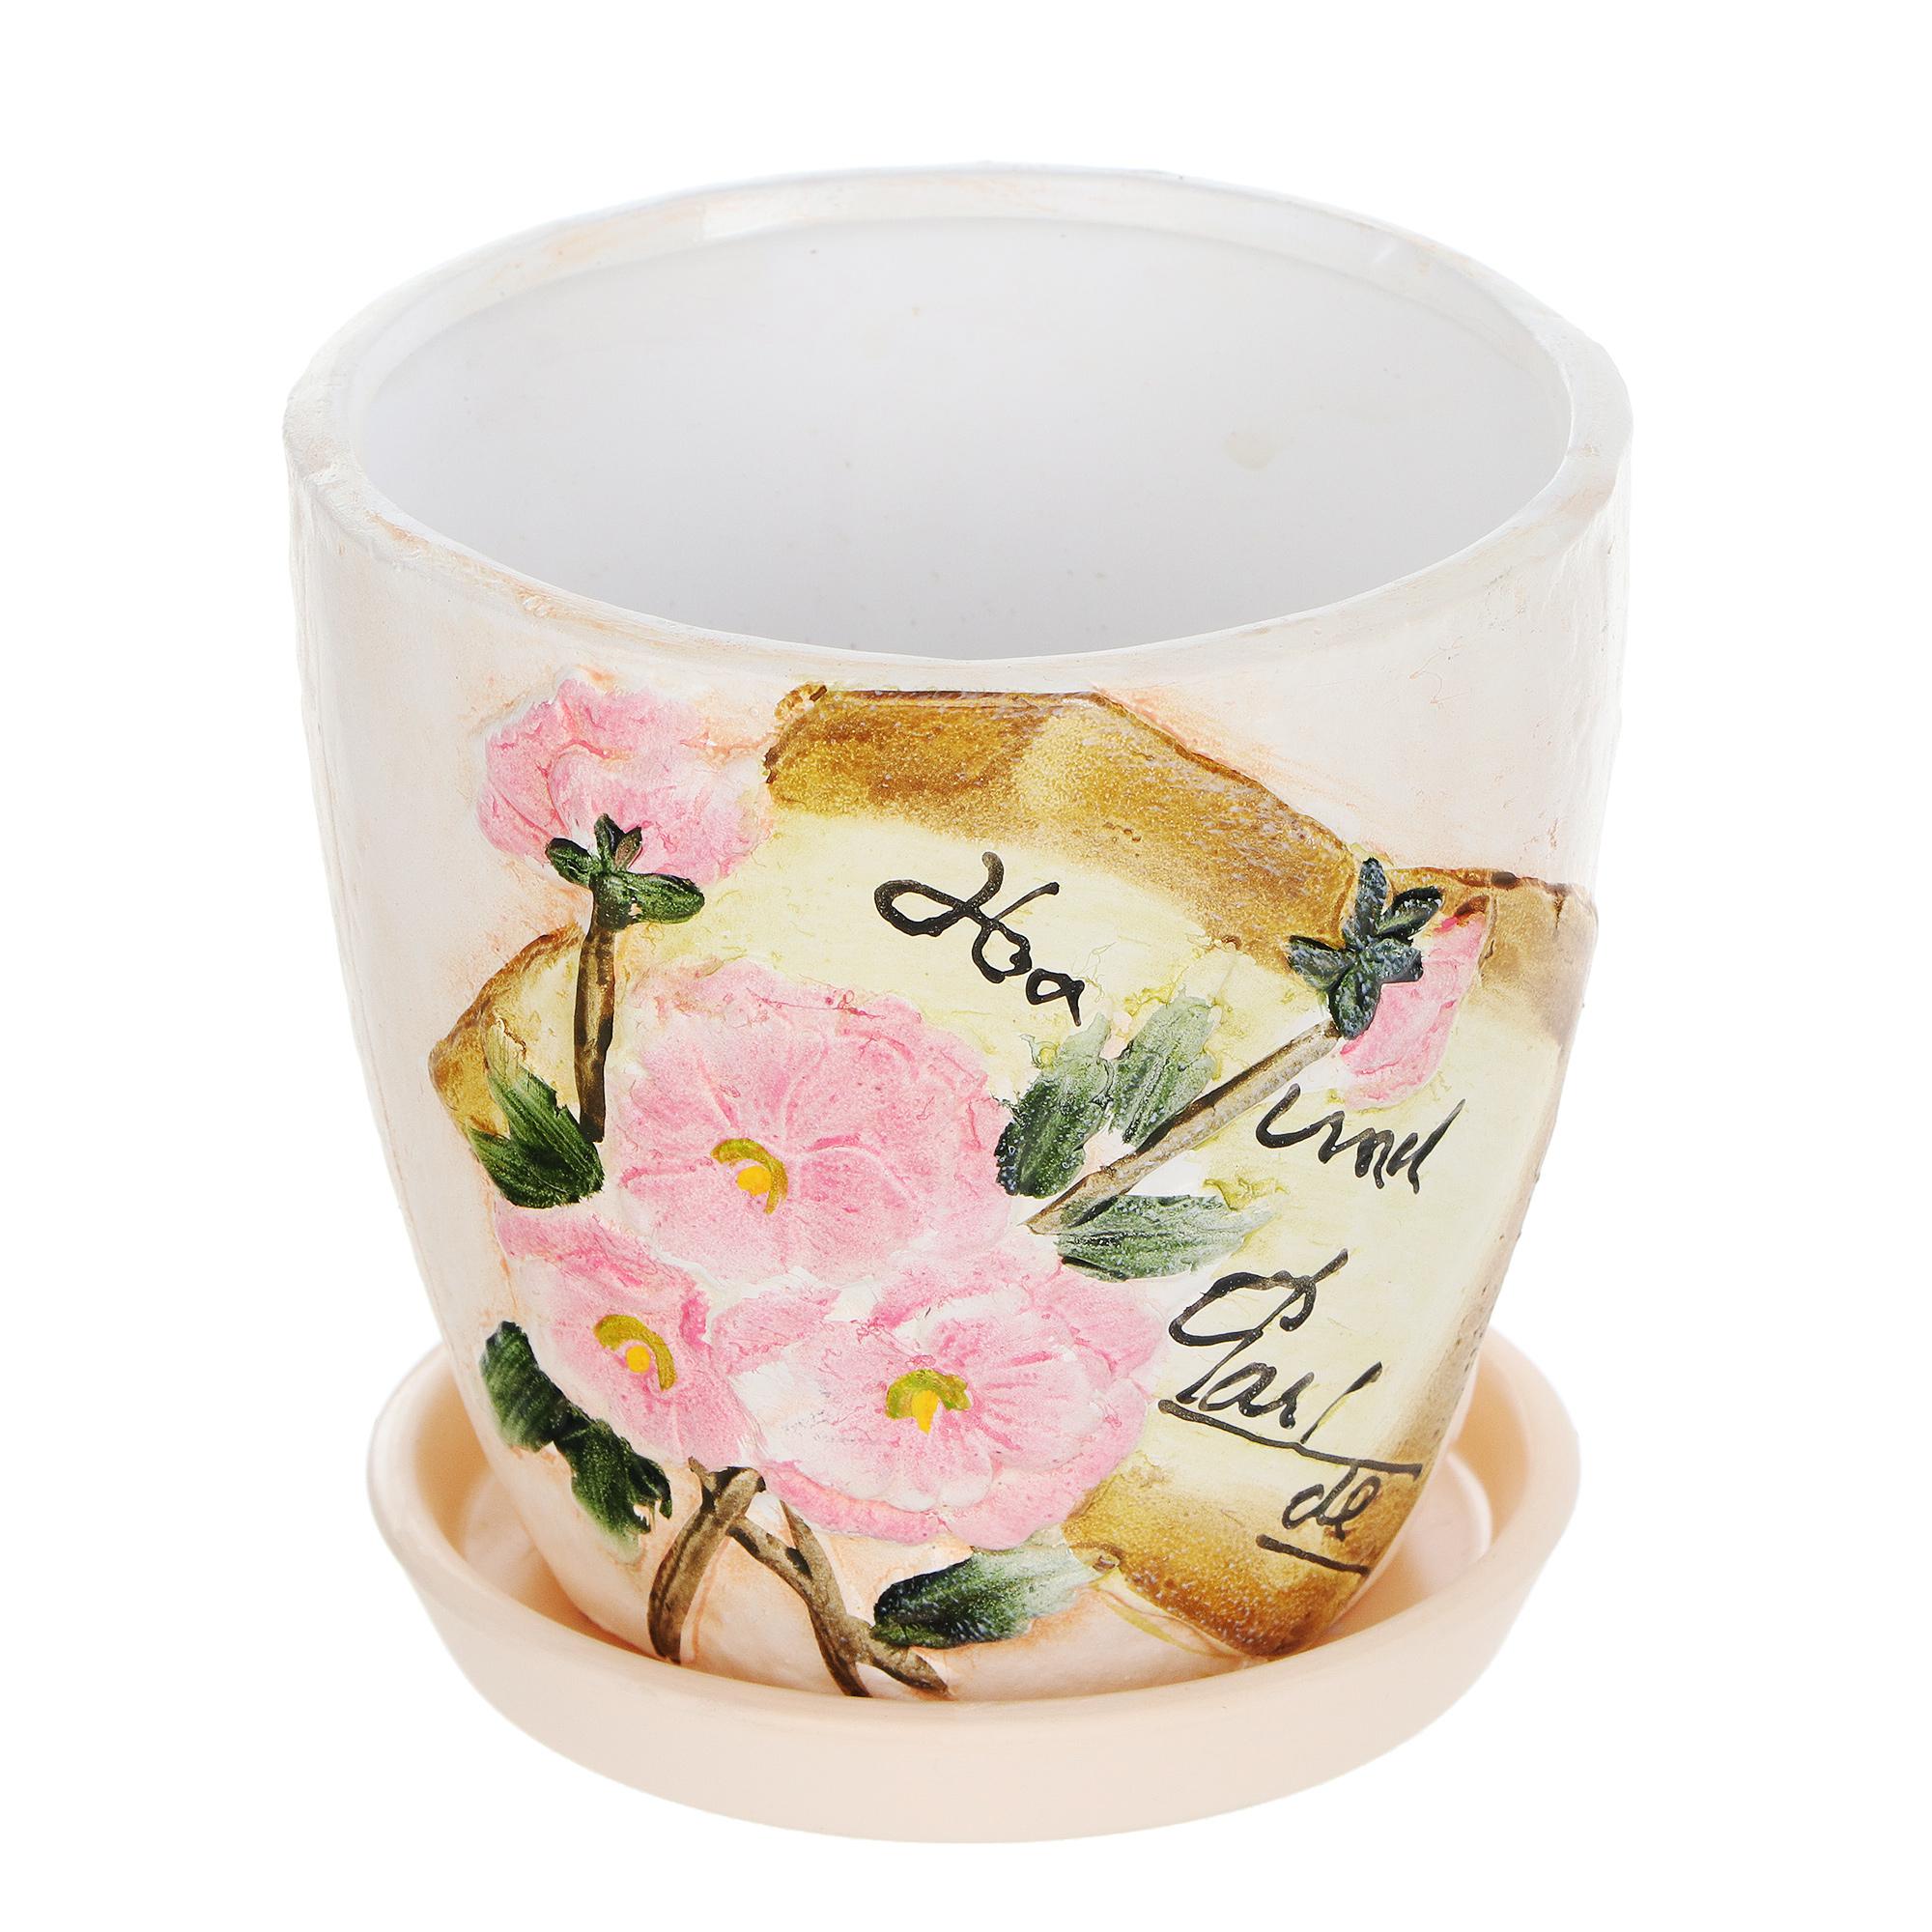 Горшок цветочный с поддоном Dehua ceramic, дизайн соцветие 18x18x16см